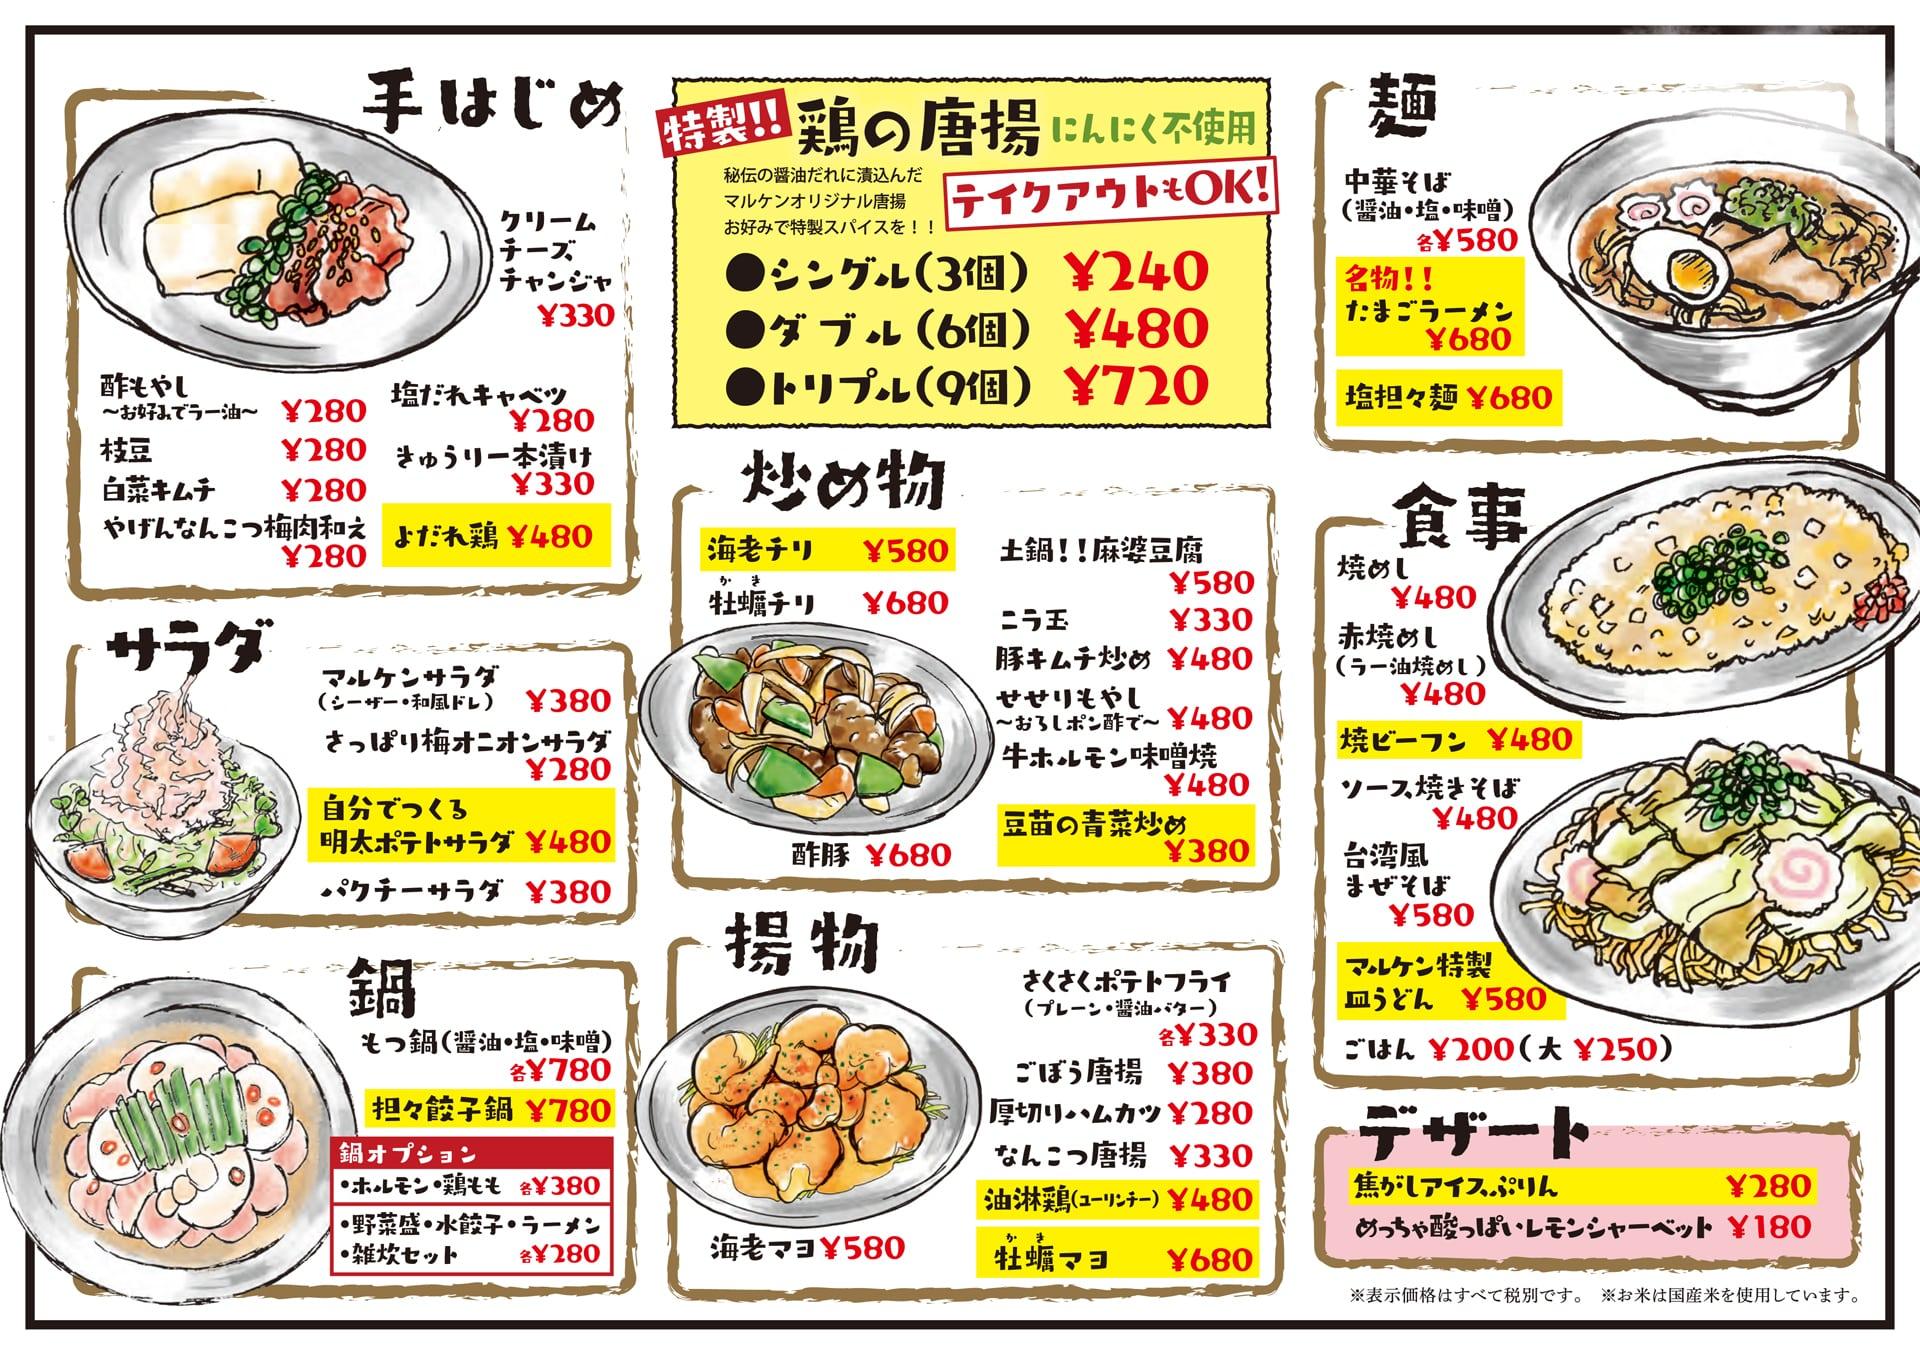 餃子食堂マルケン メニュー2